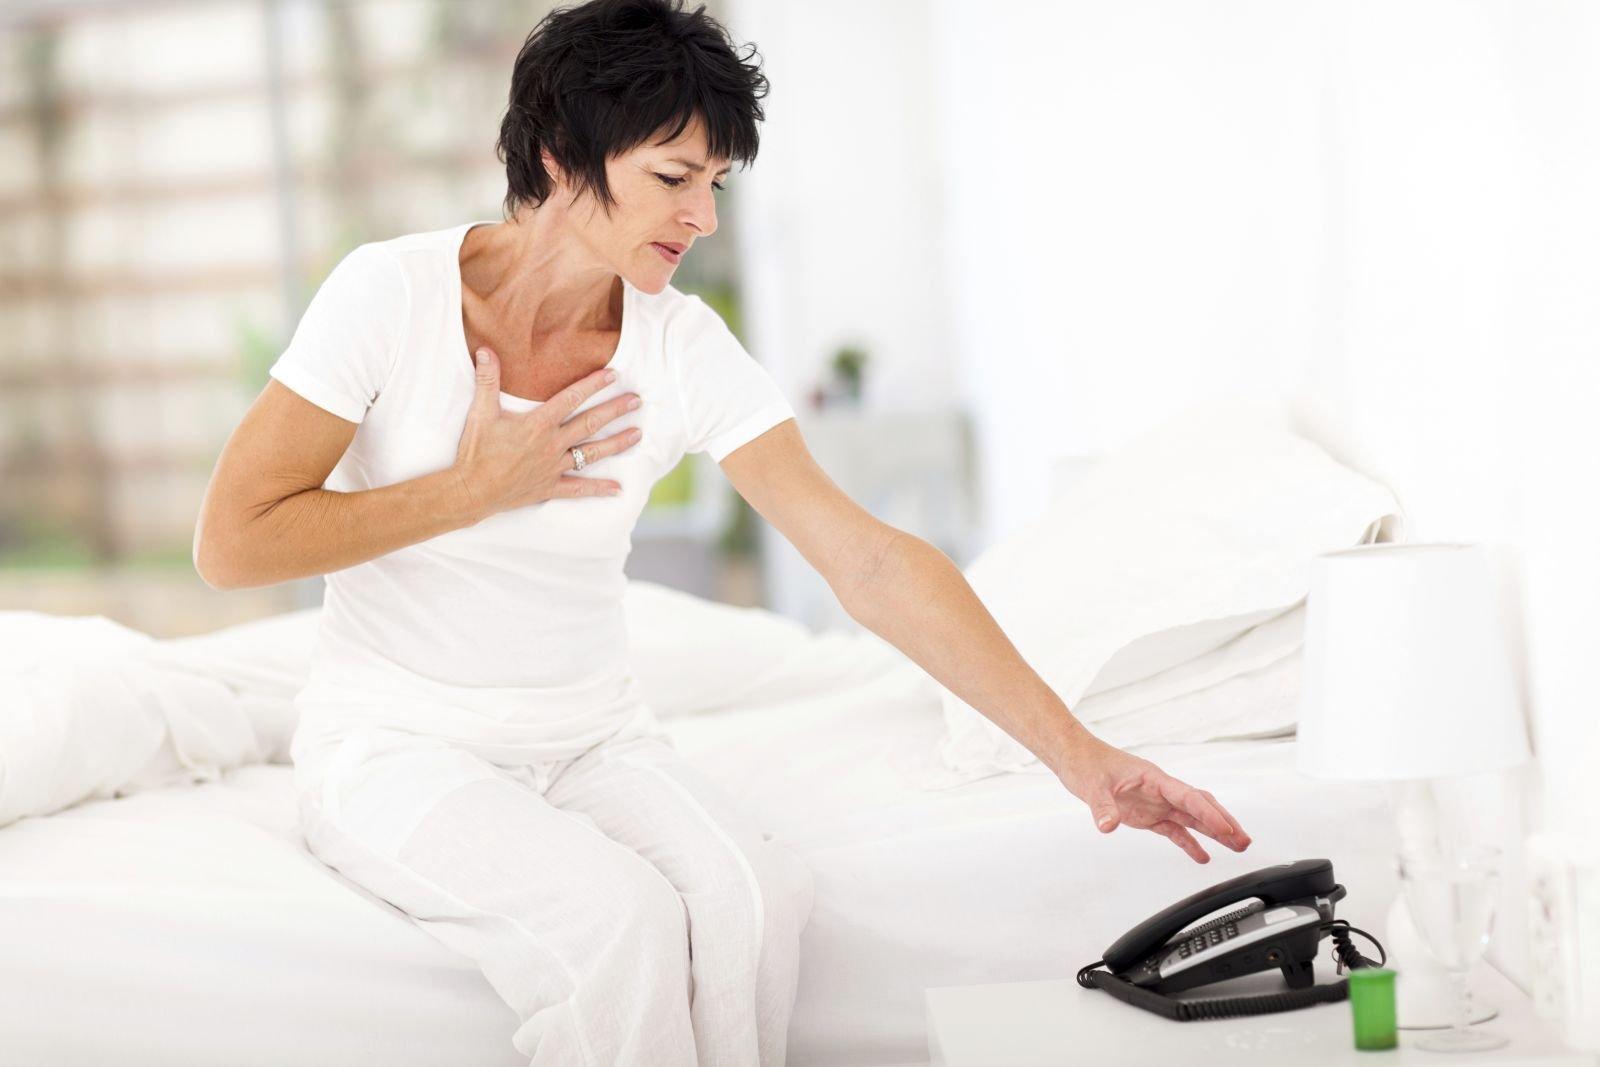 Миозит грудной клетки: симптомы и причины воспаления, диагностика и лечение